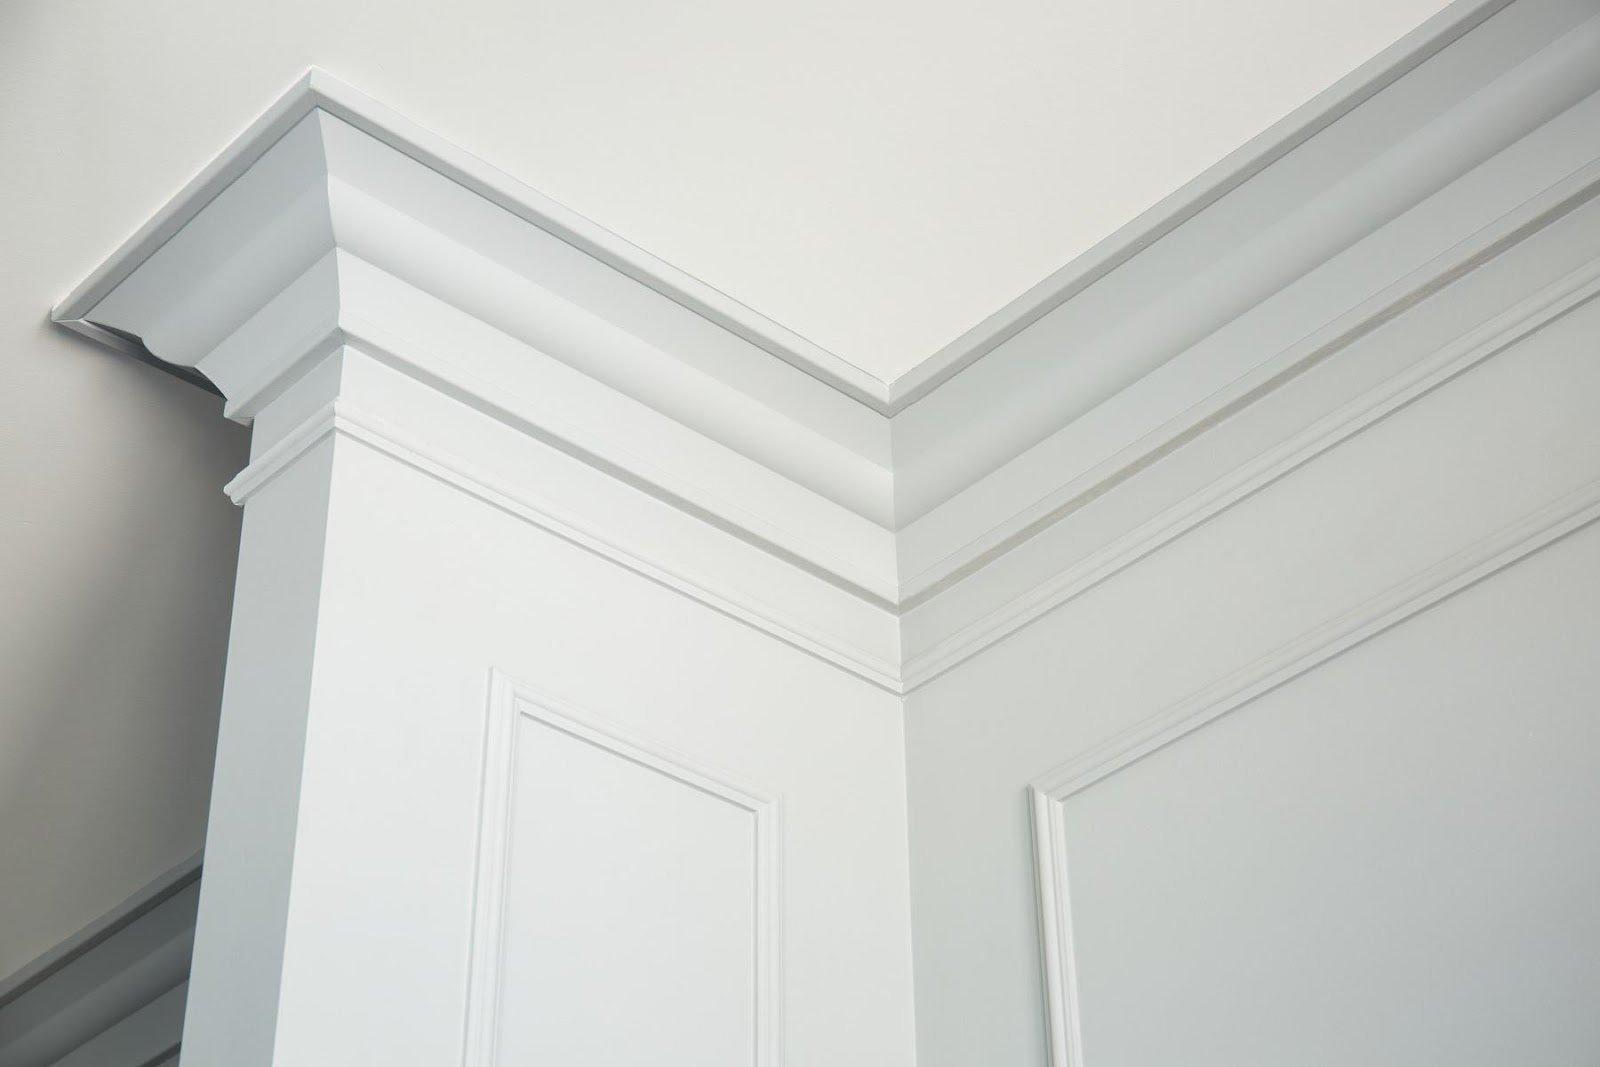 Interior & Exterior Trim